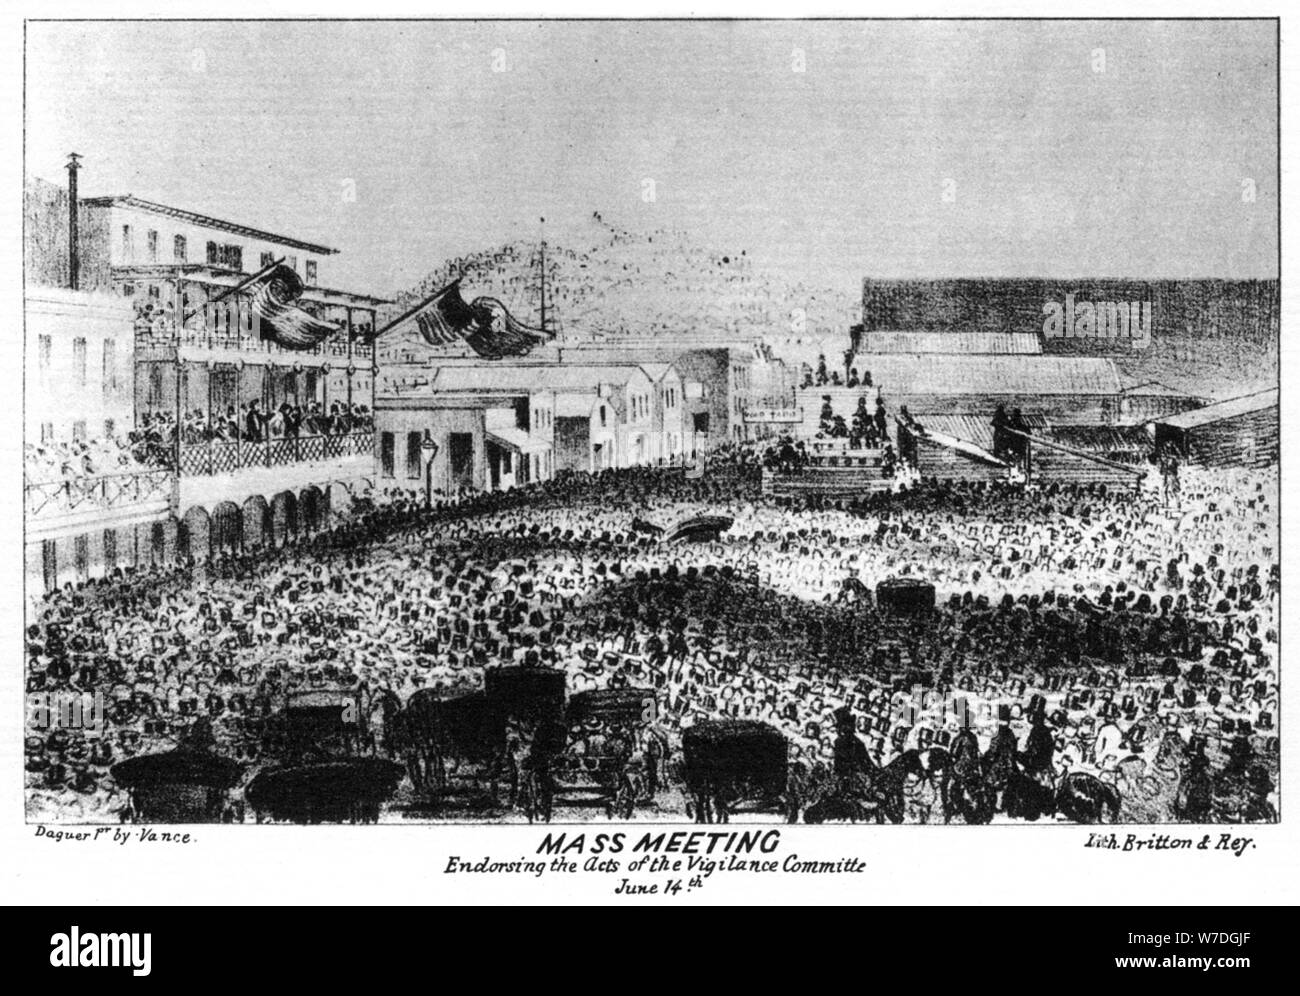 Une réunion de masse à l'extérieur de Fort Vigilant, Sacramento, Californie, 1856 (1937).Artiste: Britton & Rey Banque D'Images